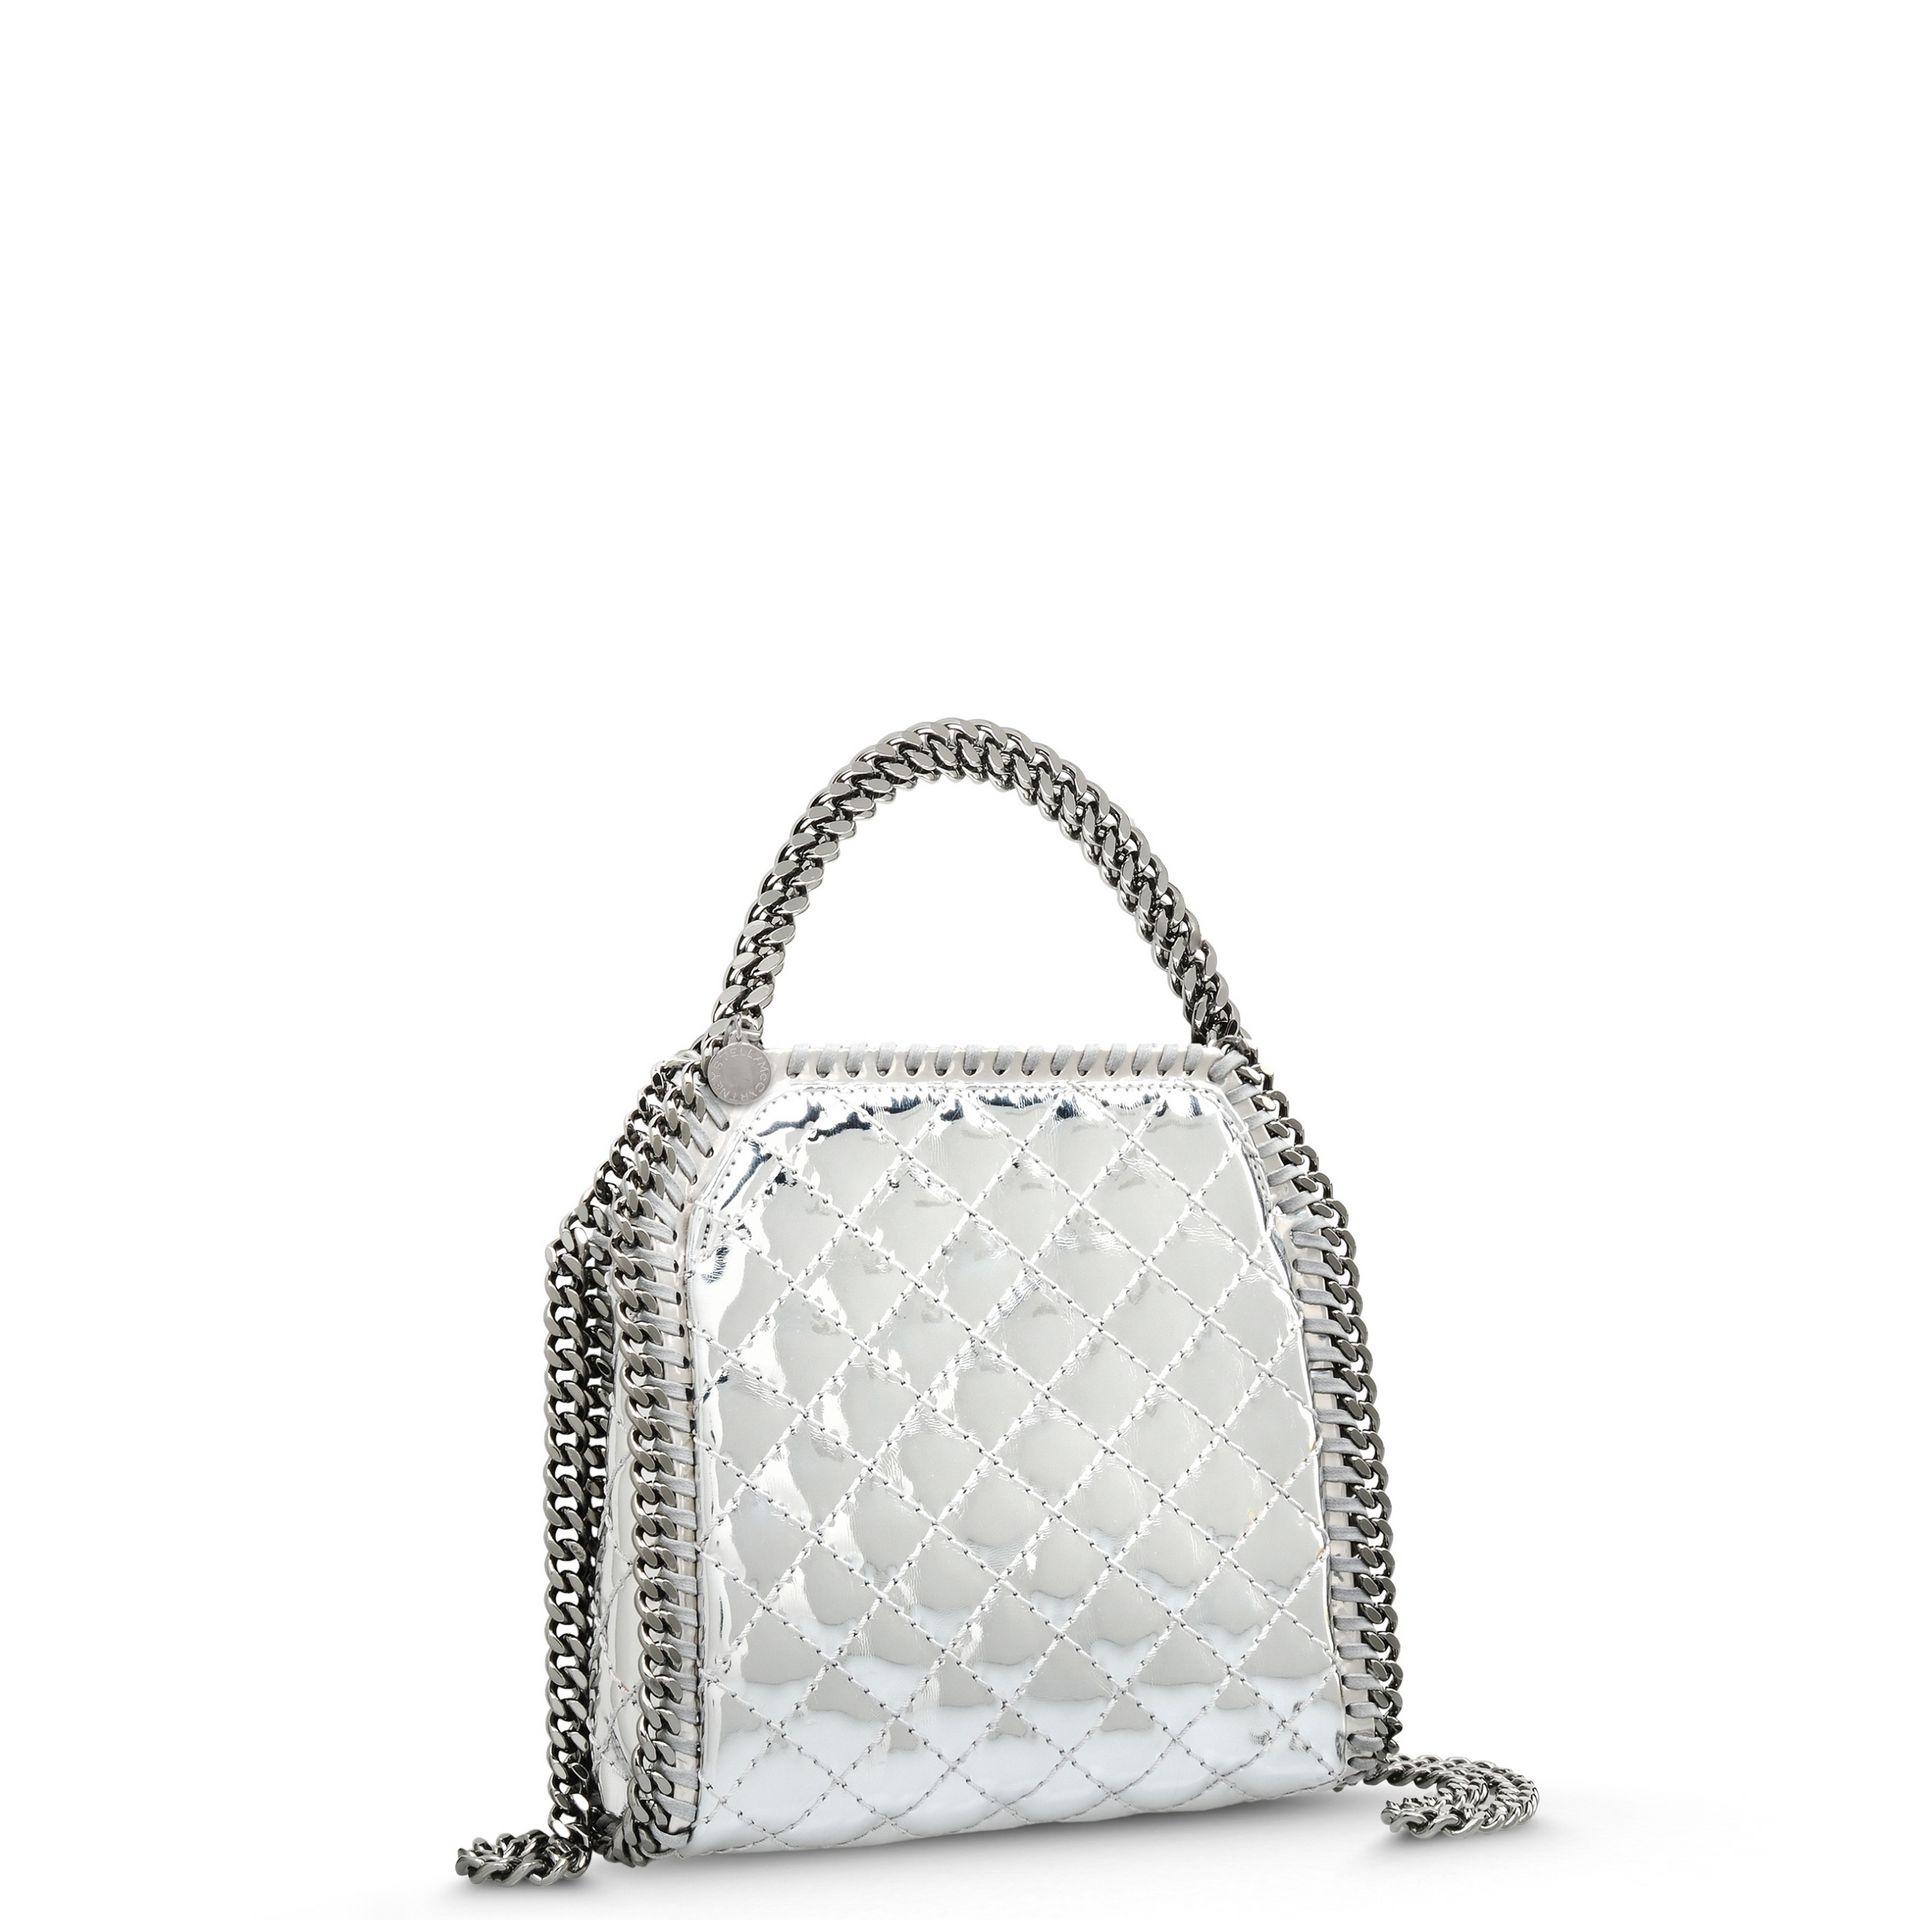 c5d032e8716f Lyst - Stella McCartney Falabella Quilted Metallic Mini Tote Bag in ...